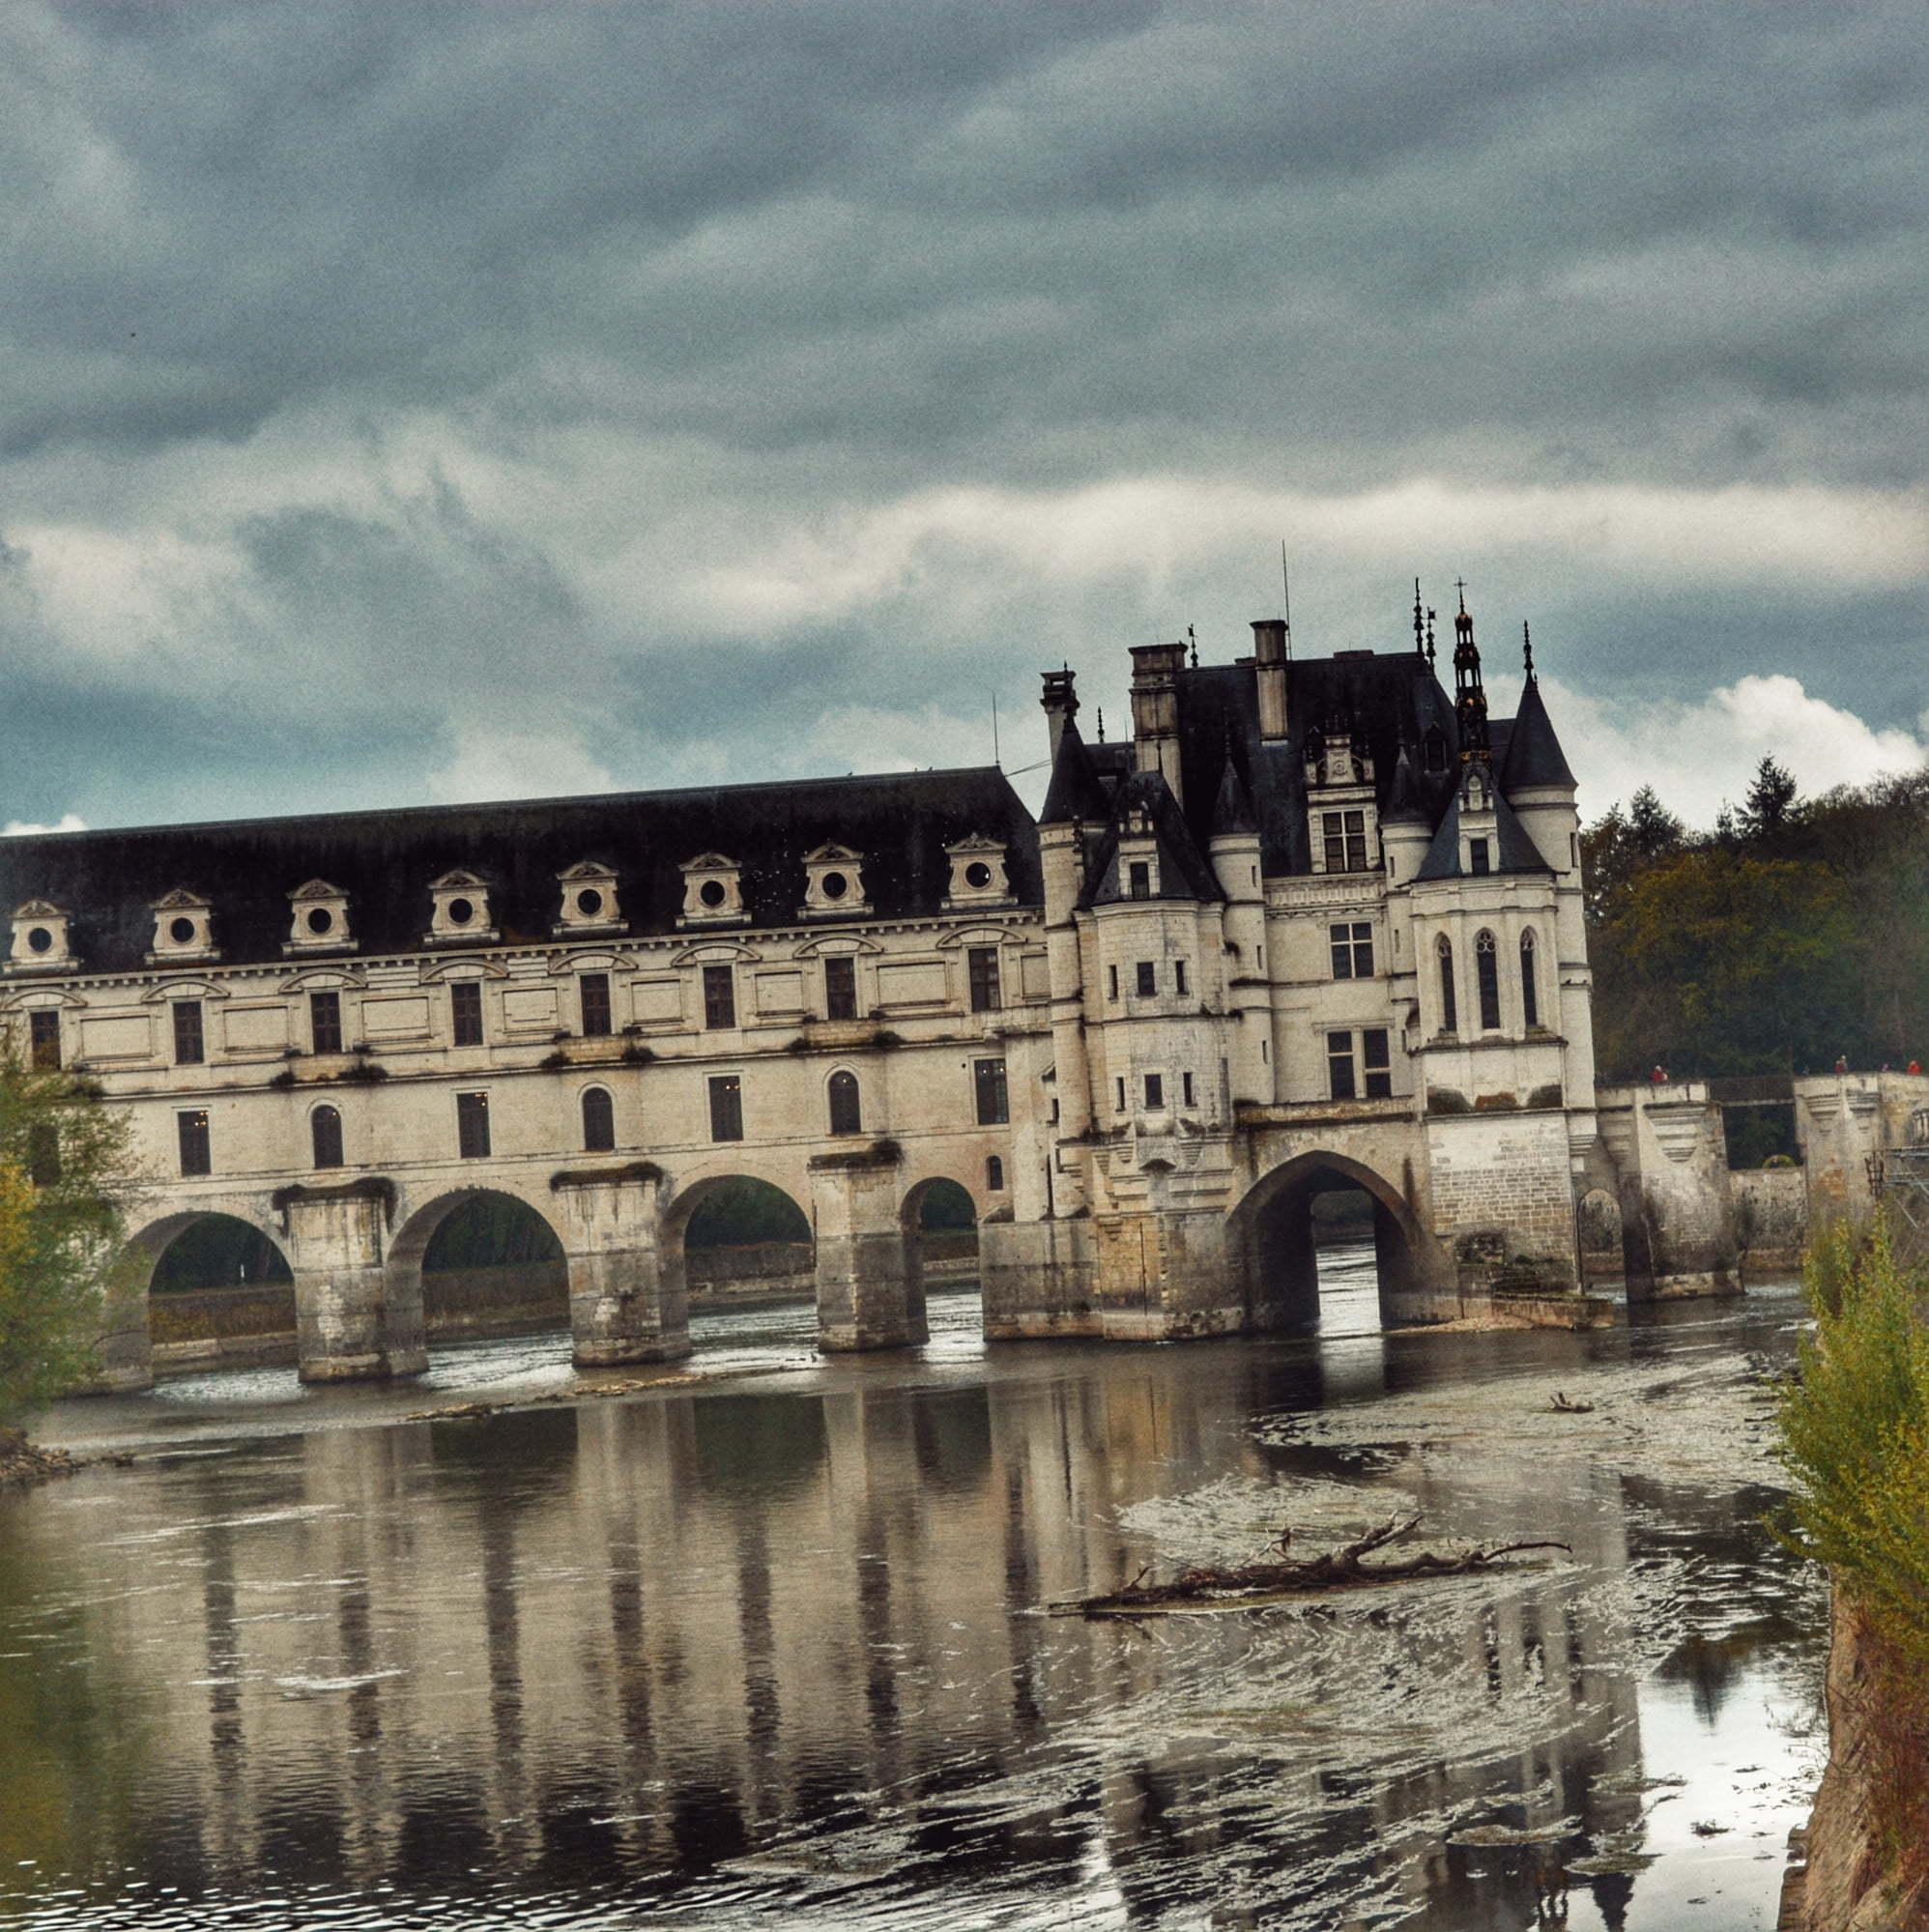 Ruta Castillos del Loira: El Castillo Chenonceau + 8 castillos más